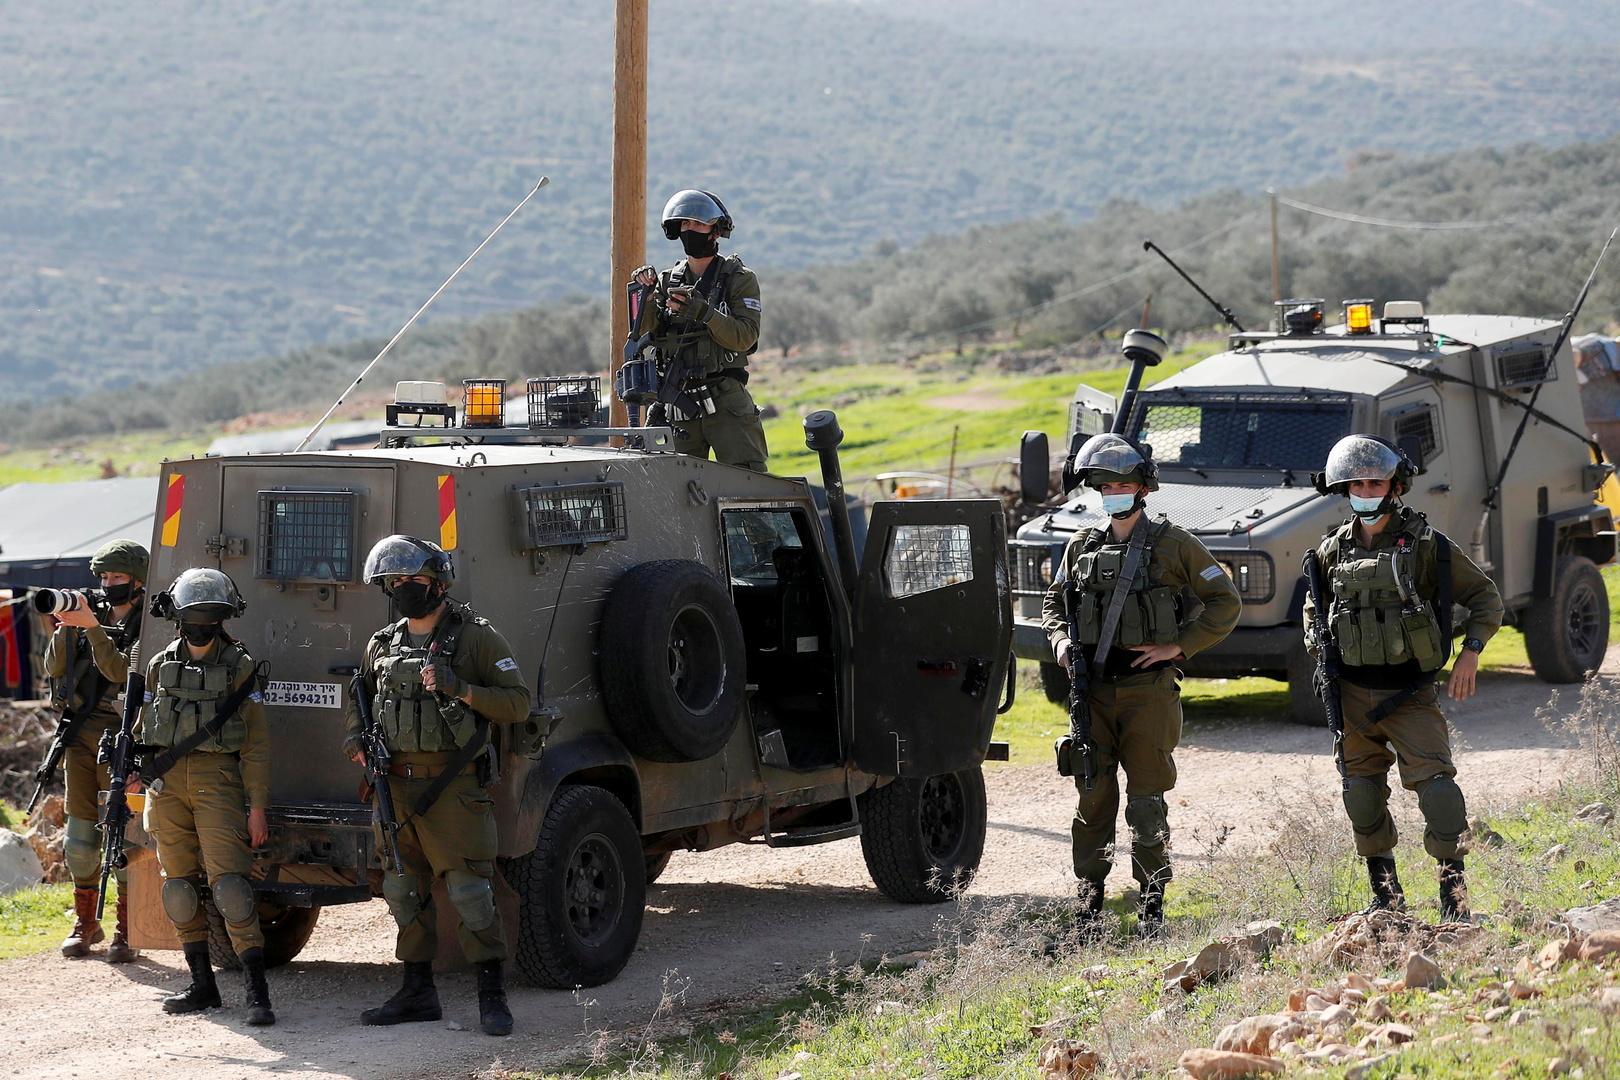 الشرطة الإسرائيلية تعتقل 3 شبان من الضفة بزعم قتل إسرائيلي